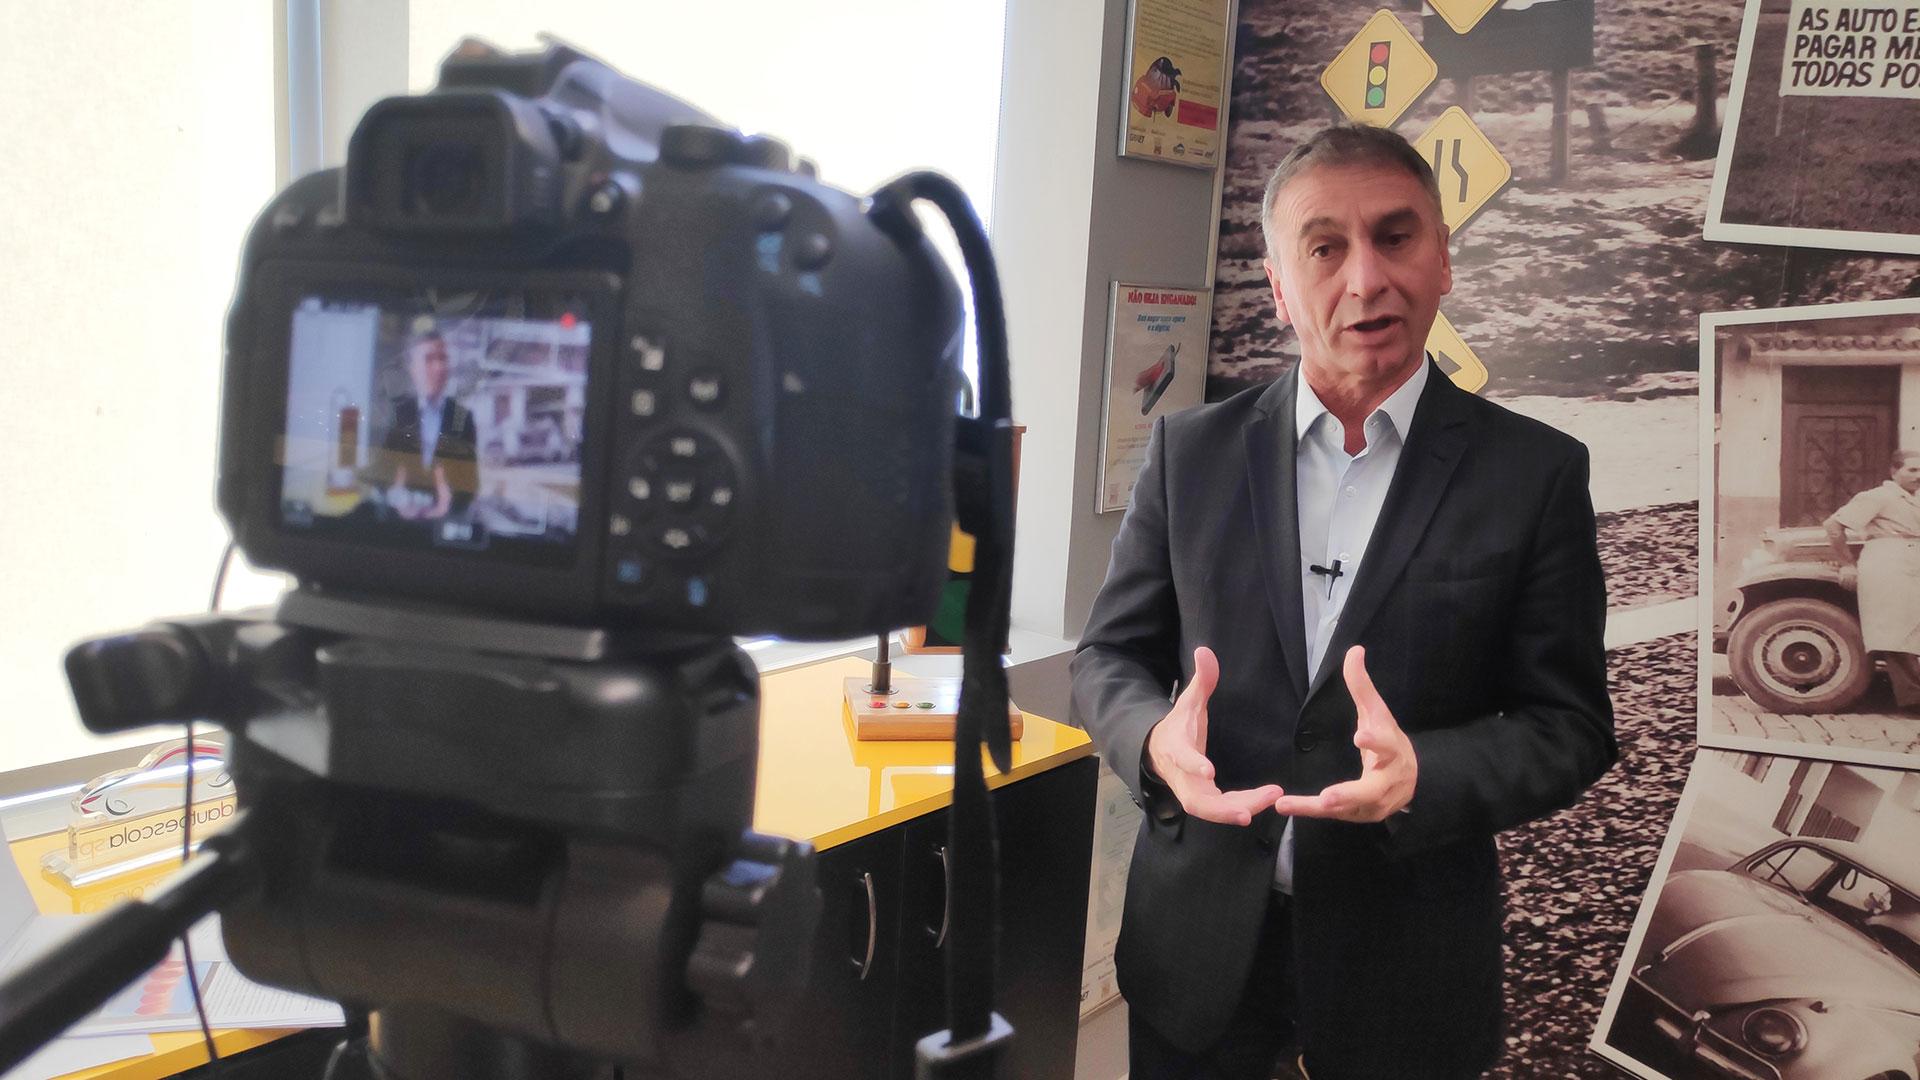 Resumo semanal: os leitores biométricos de dedo vivo (?) e mais um projeto de lei ameaça o setor